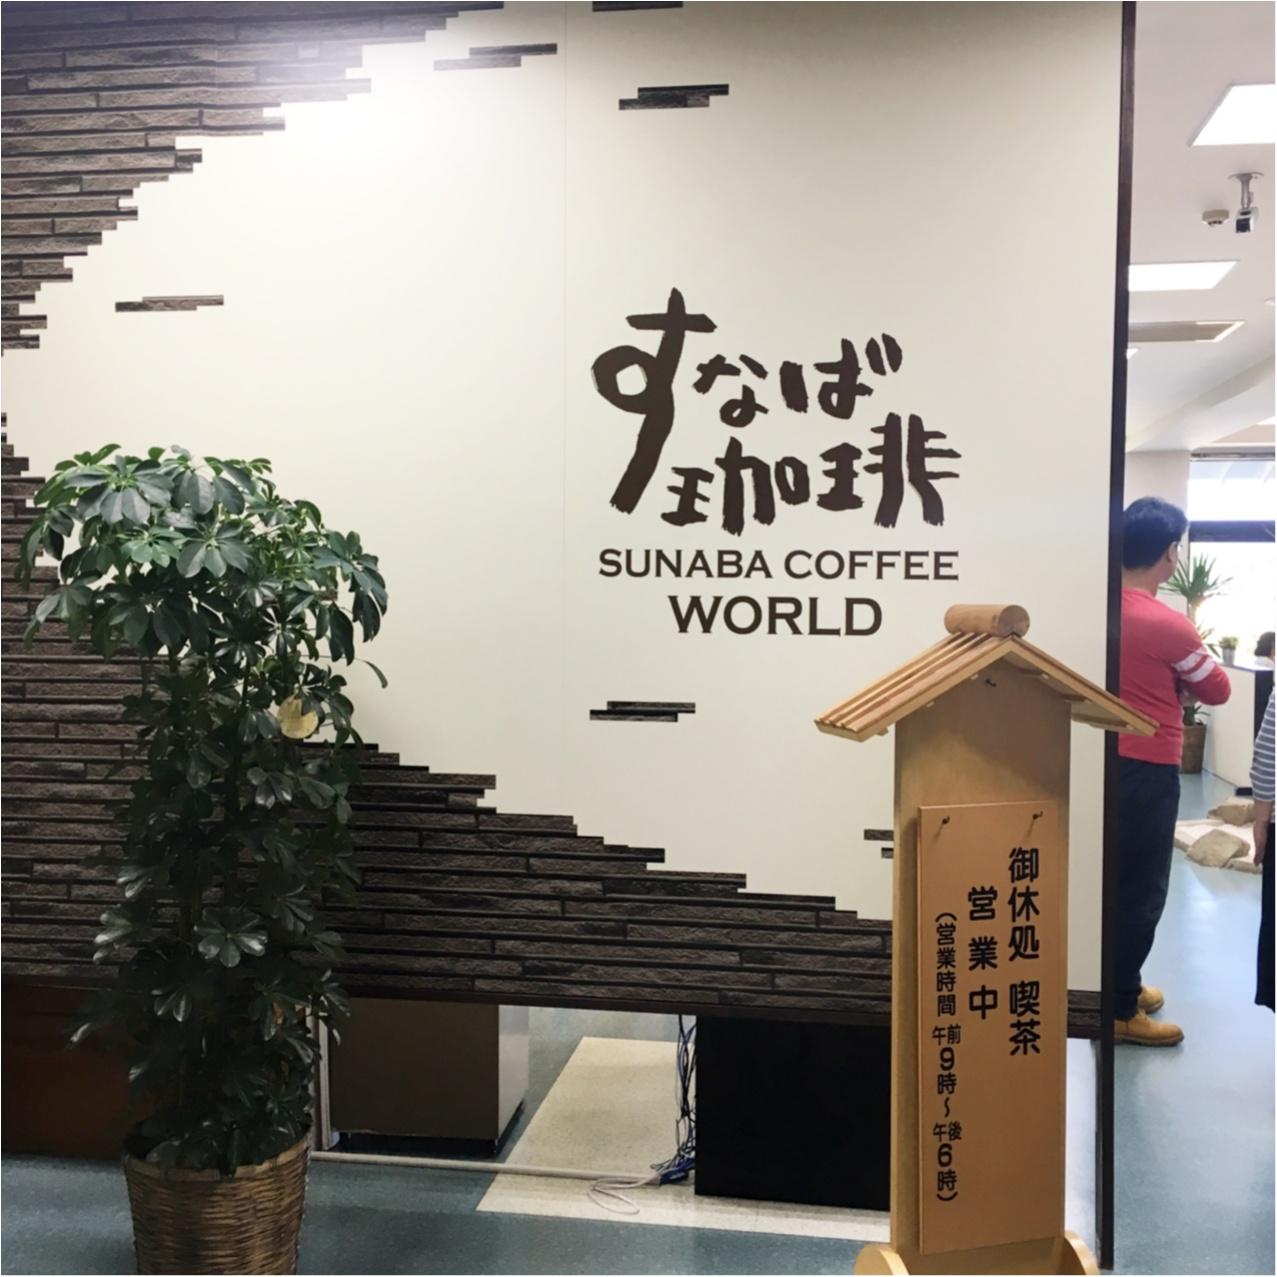 鳥取に行ったら行きたい♡ご当地コーヒーの 《 すなば珈琲 》へ行ってみた♡♡_1